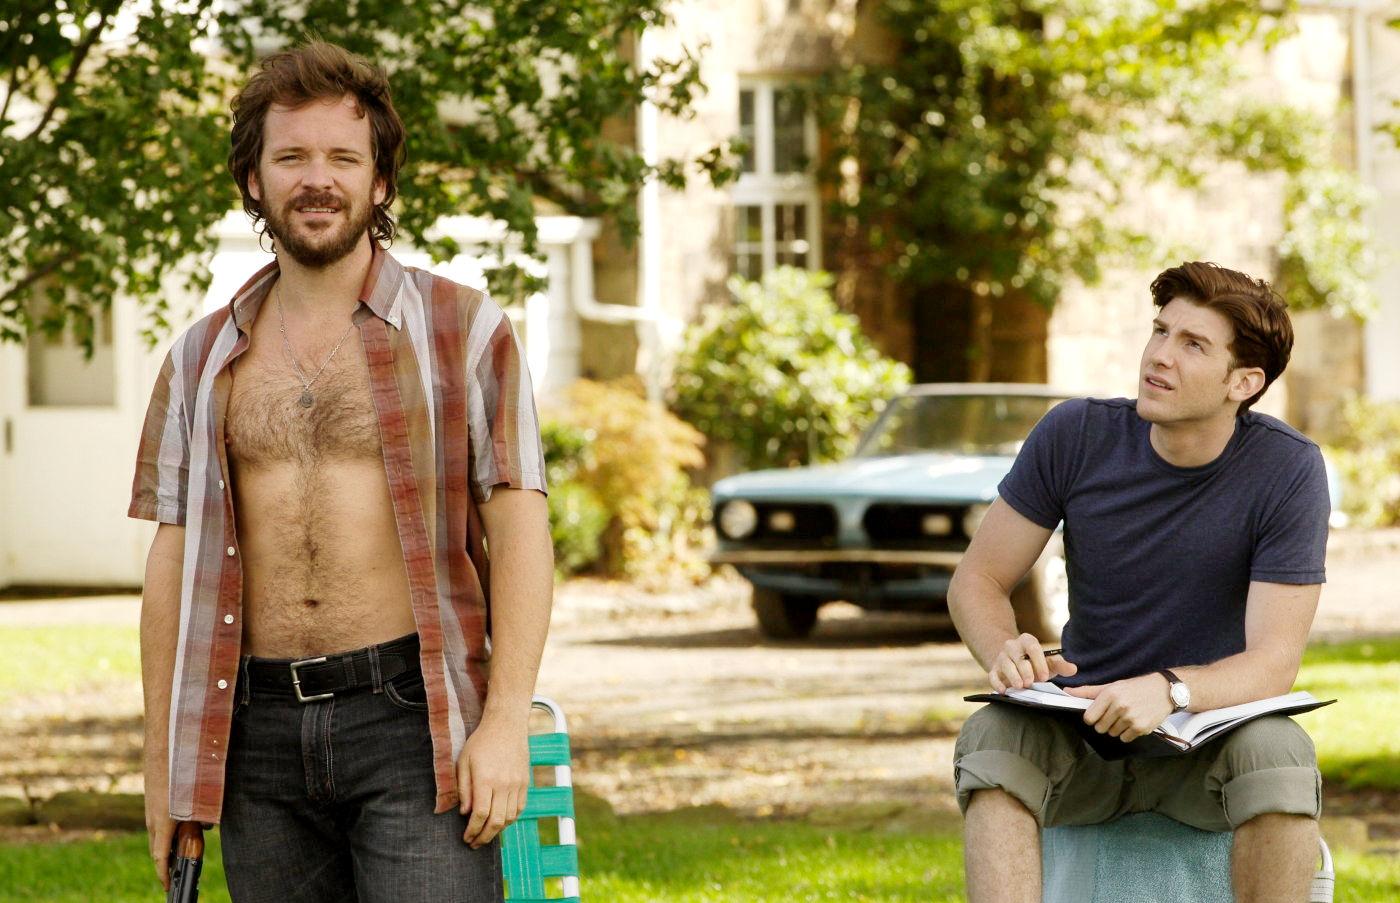 Biseksüel Erkek Karakterlerin Yer Aldığı '8' Film